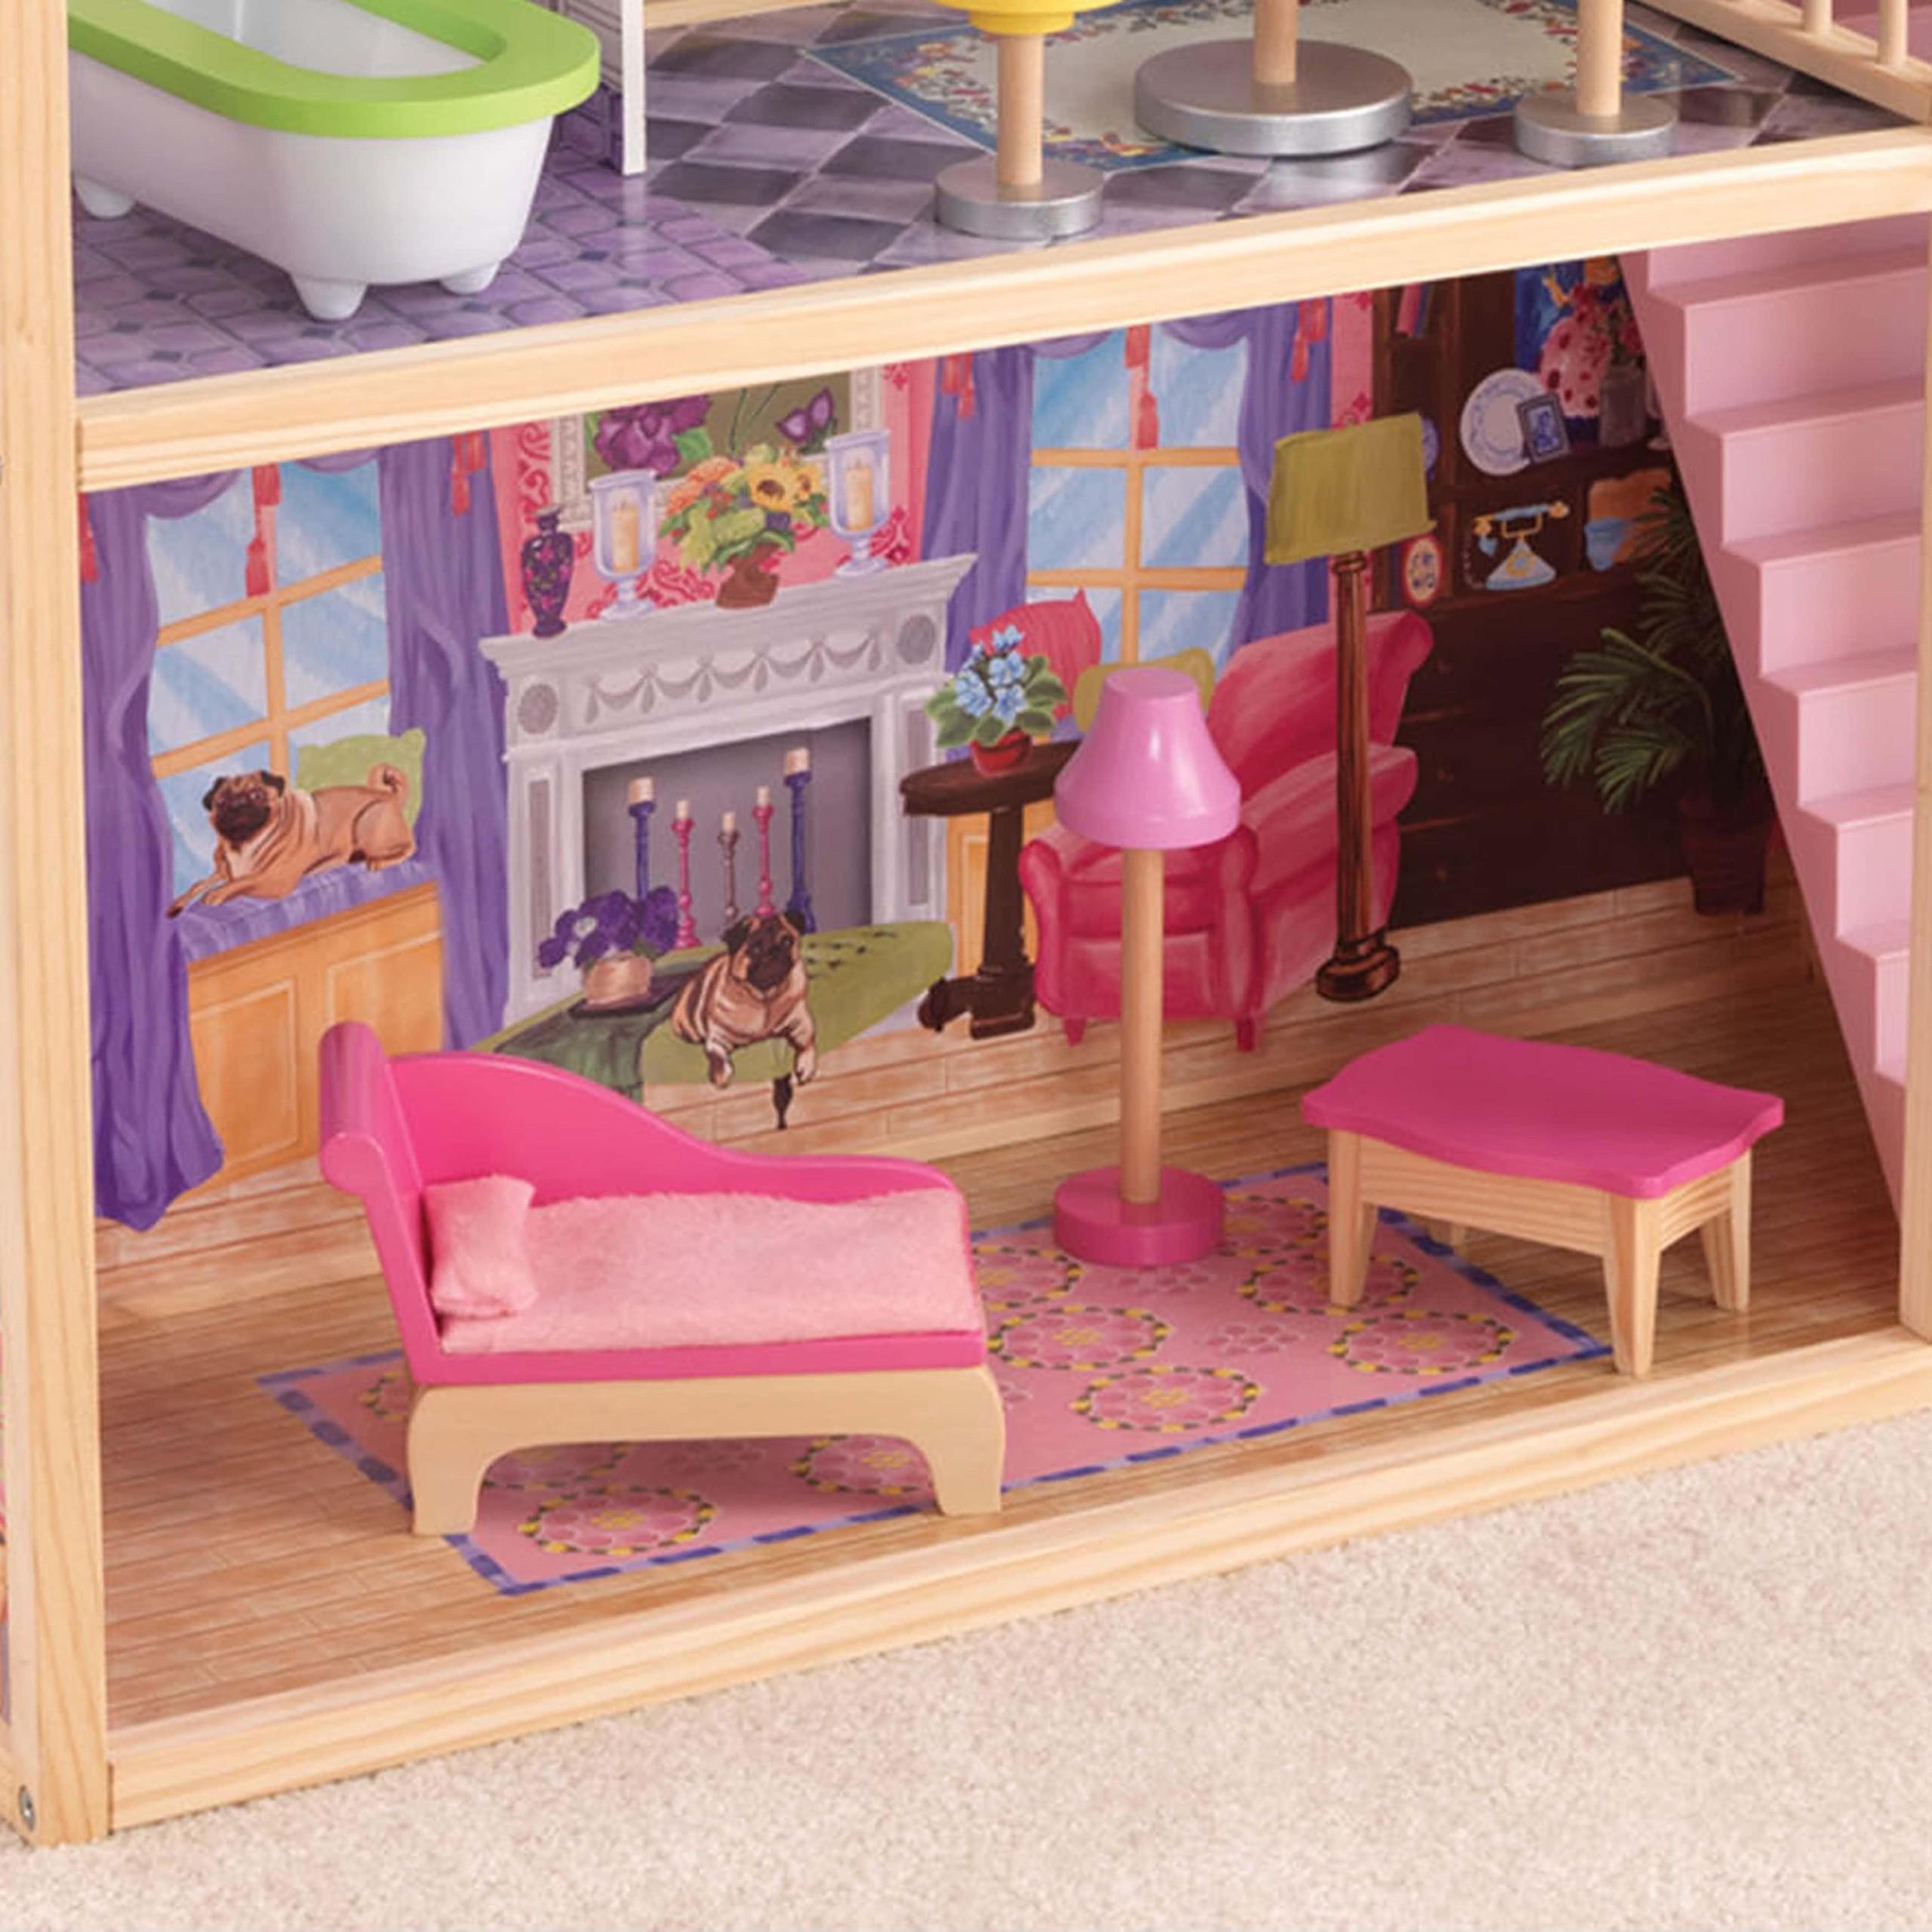 Къща за кукли от дърво – Кайла - Kidkraft дървени къщи за кукли(8)-bellamiestore